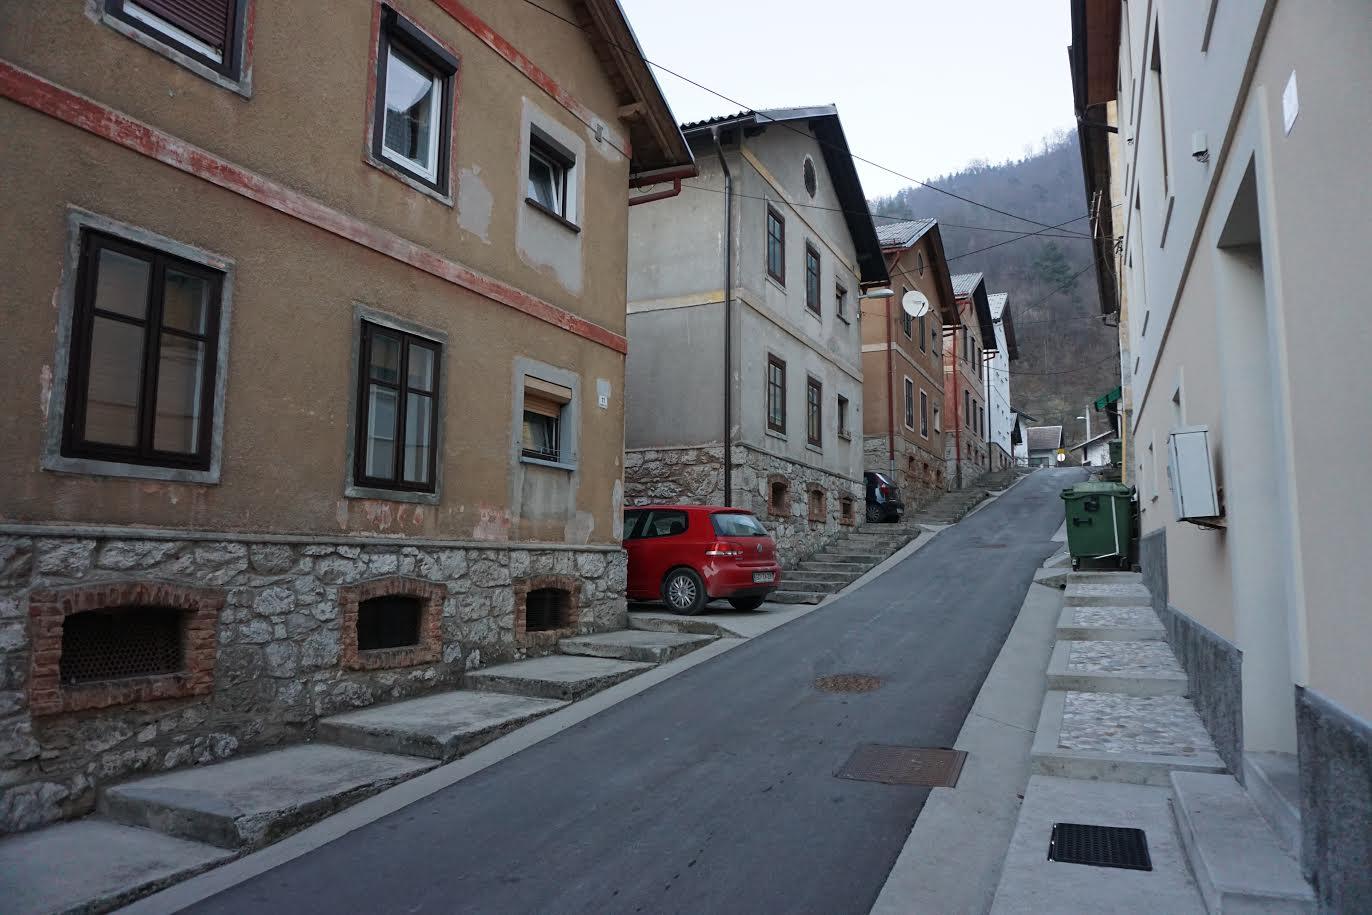 Zahodni del današnje Rudarske ulice, 2017. Foto: Matevž Šlabnik